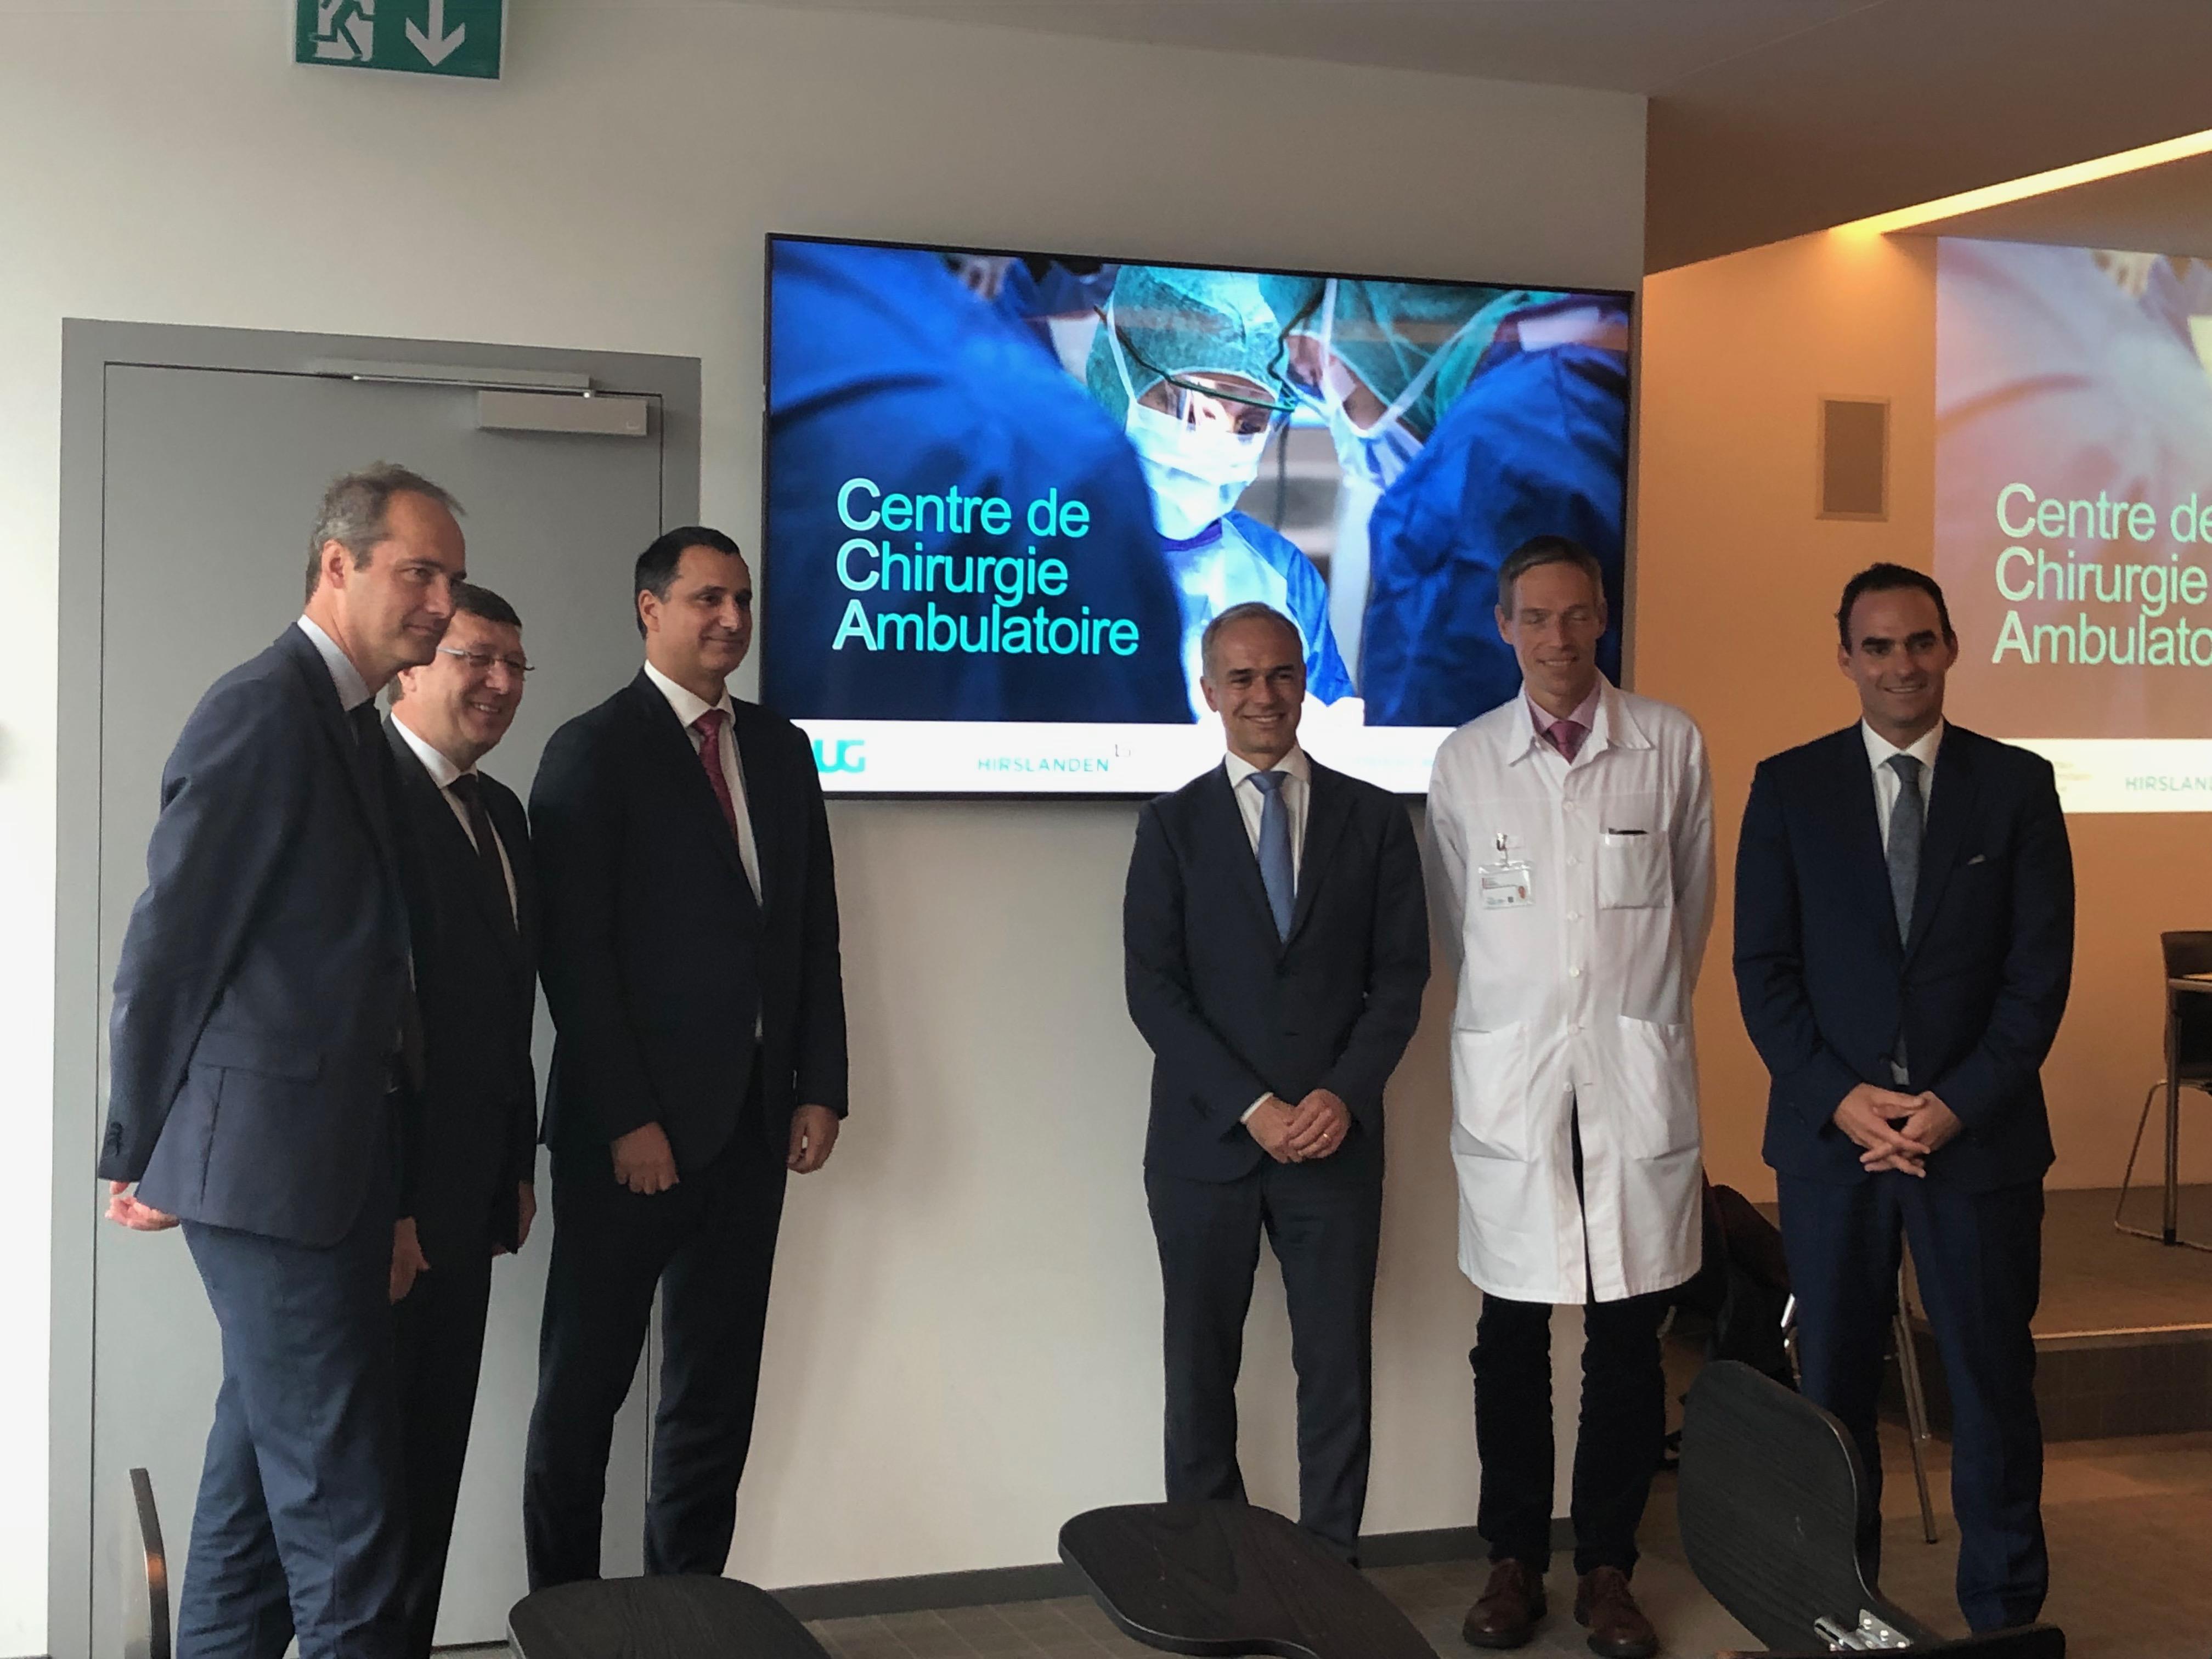 Lors de l'annonce de la création d'un centre de chirurgie ambulatoire HUG-Hirslanden